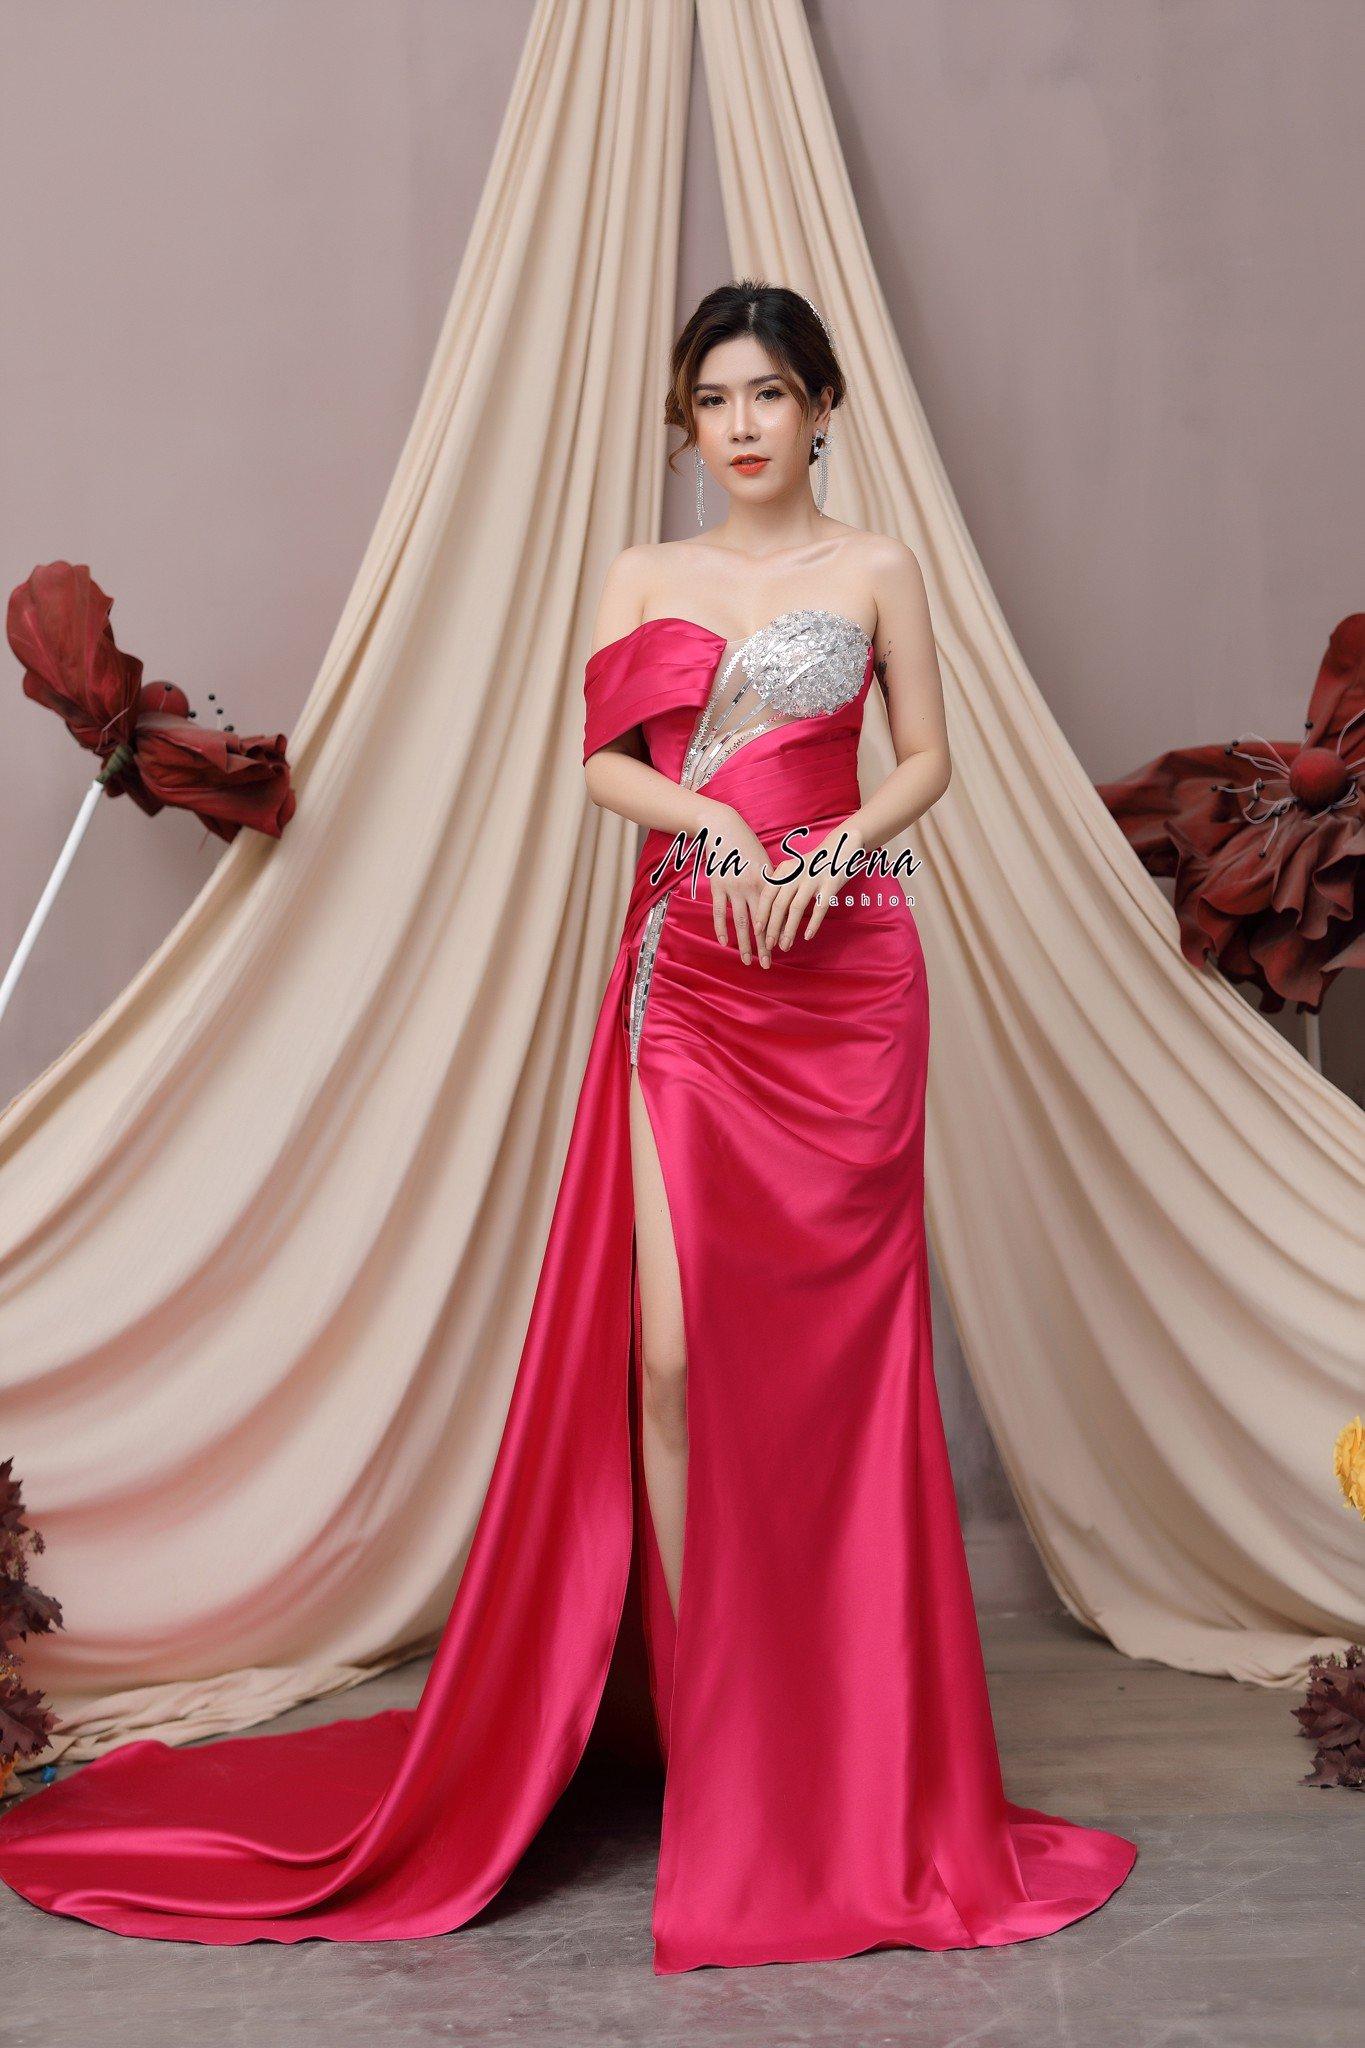 Đầm Dạ Hội Hồng Đính Kết MiaSelena thiết kế sang trọng trẻ trung